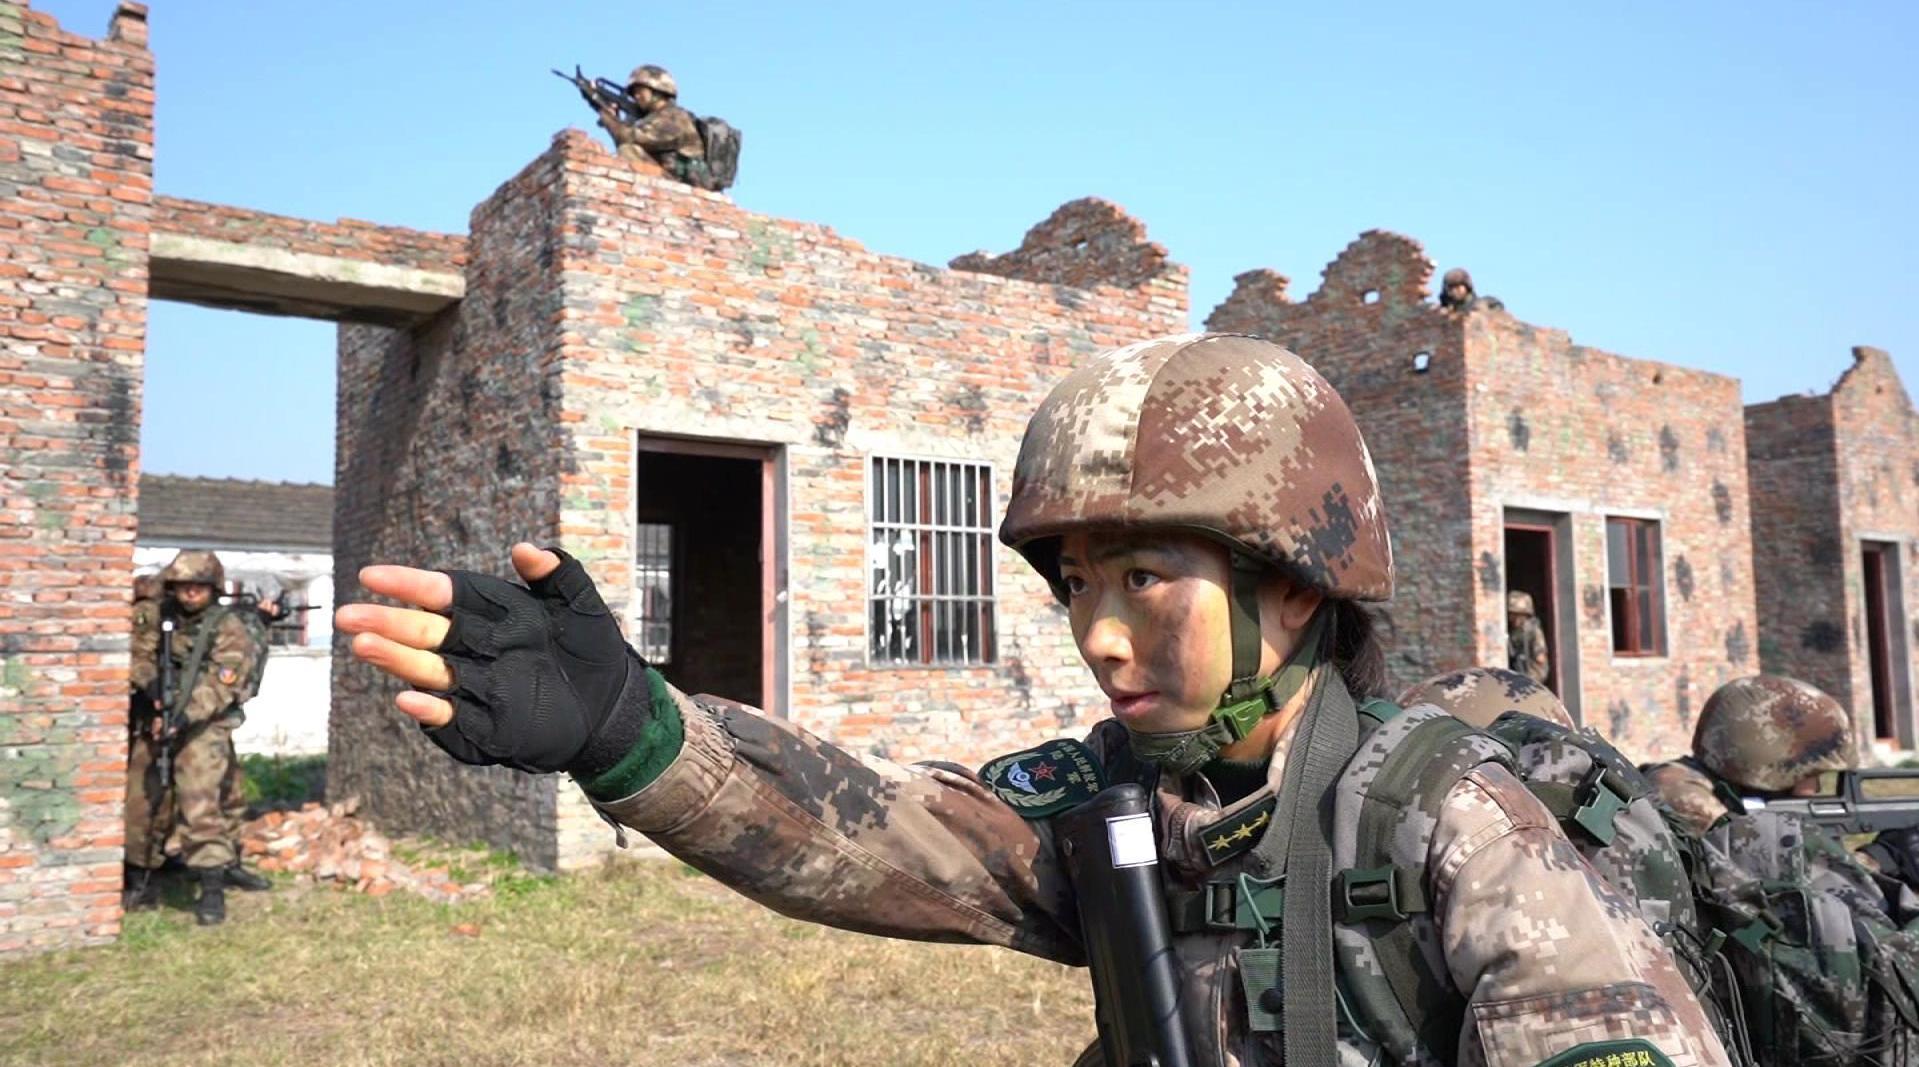 第72集团军某旅:山地丛林 特战女兵极限训练